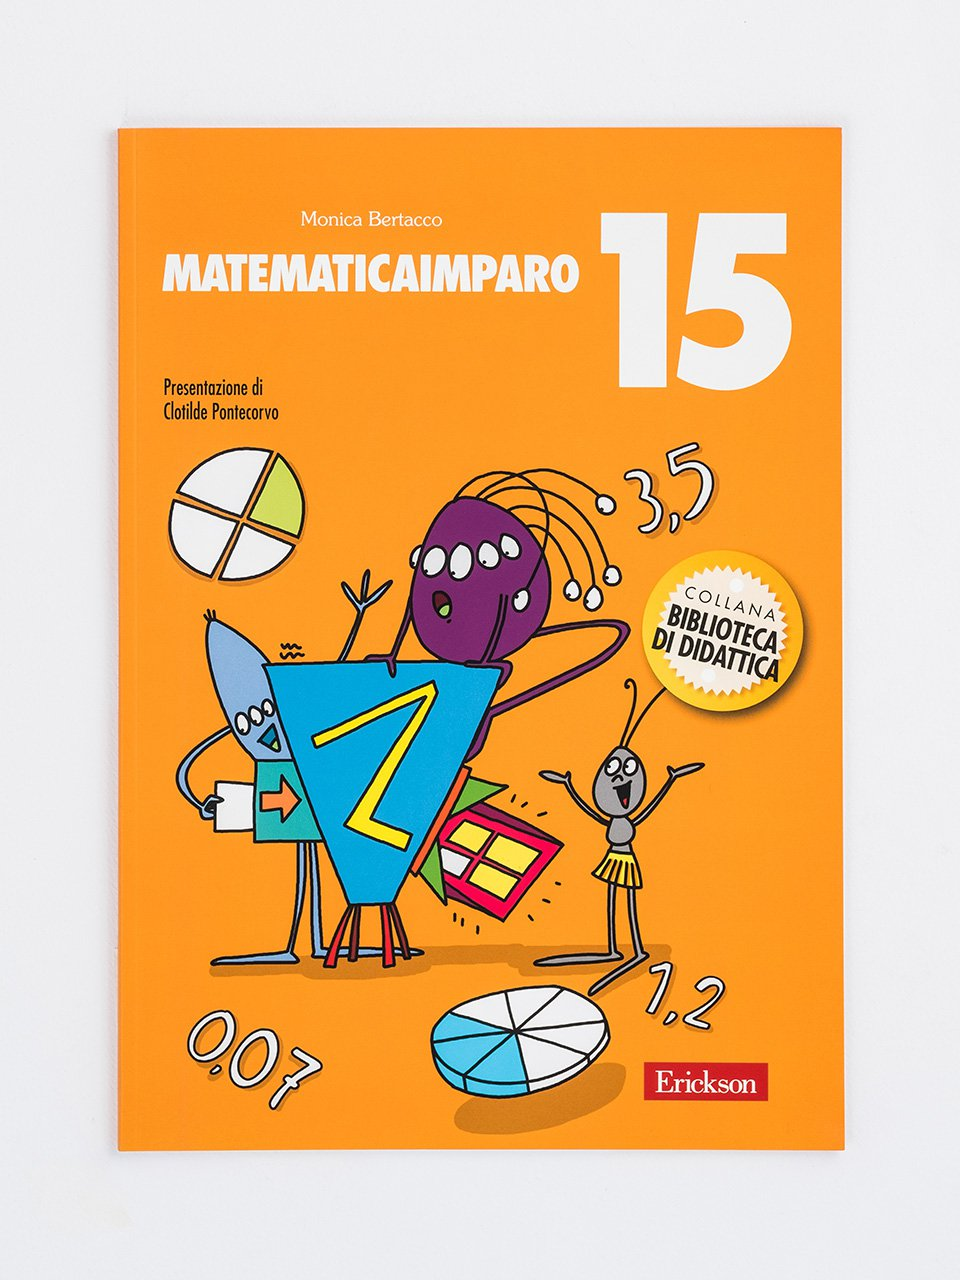 MatematicaImparo 15 - MatematicaImparo 10 - Libri - Erickson